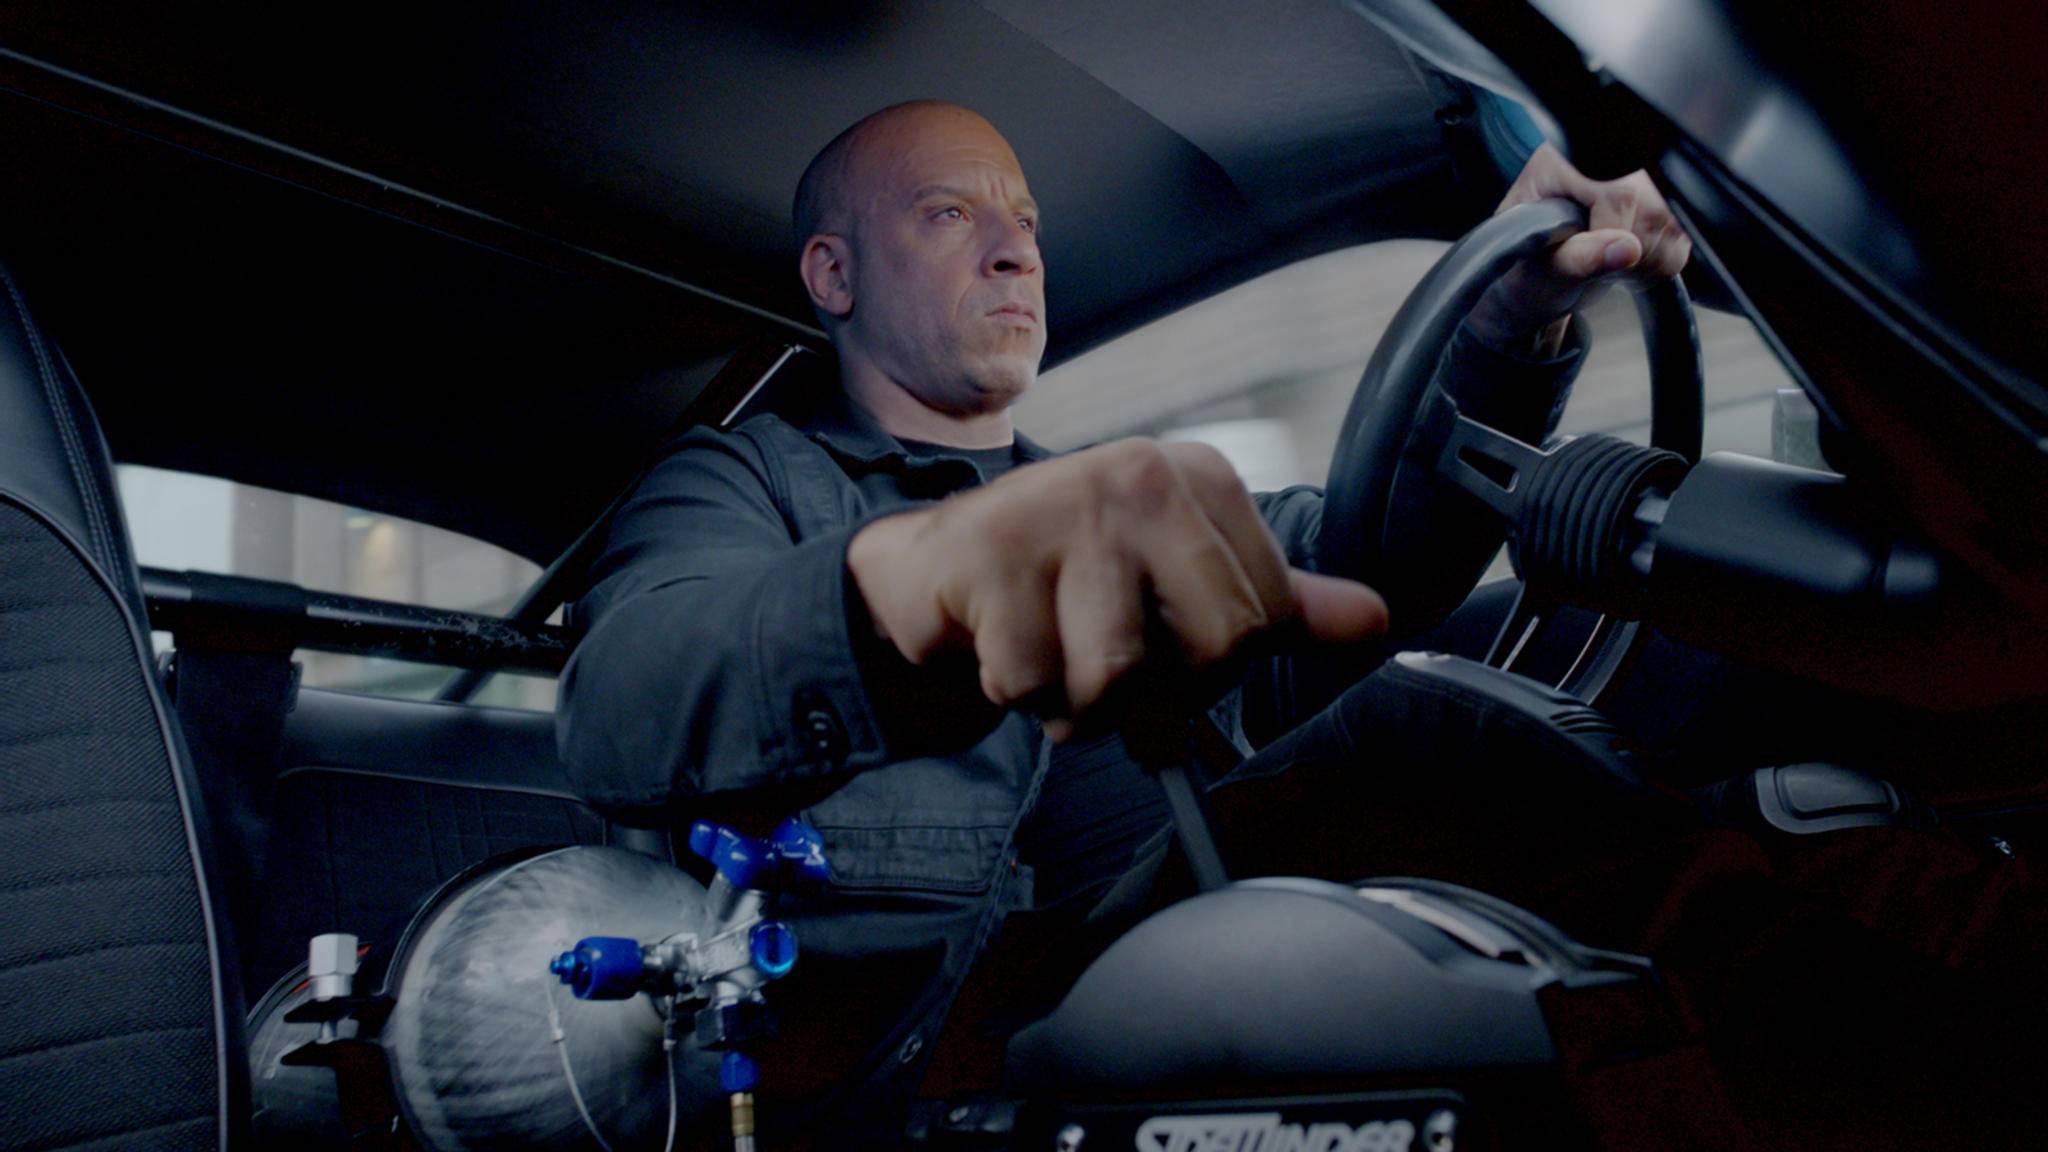 """Welchen neuen Abenteuern heizt Vin Diesel mit dem """"Fast & Furious""""-Franchise als nächstes entgegen? Wir hätten da ein paar Vorschläge..."""